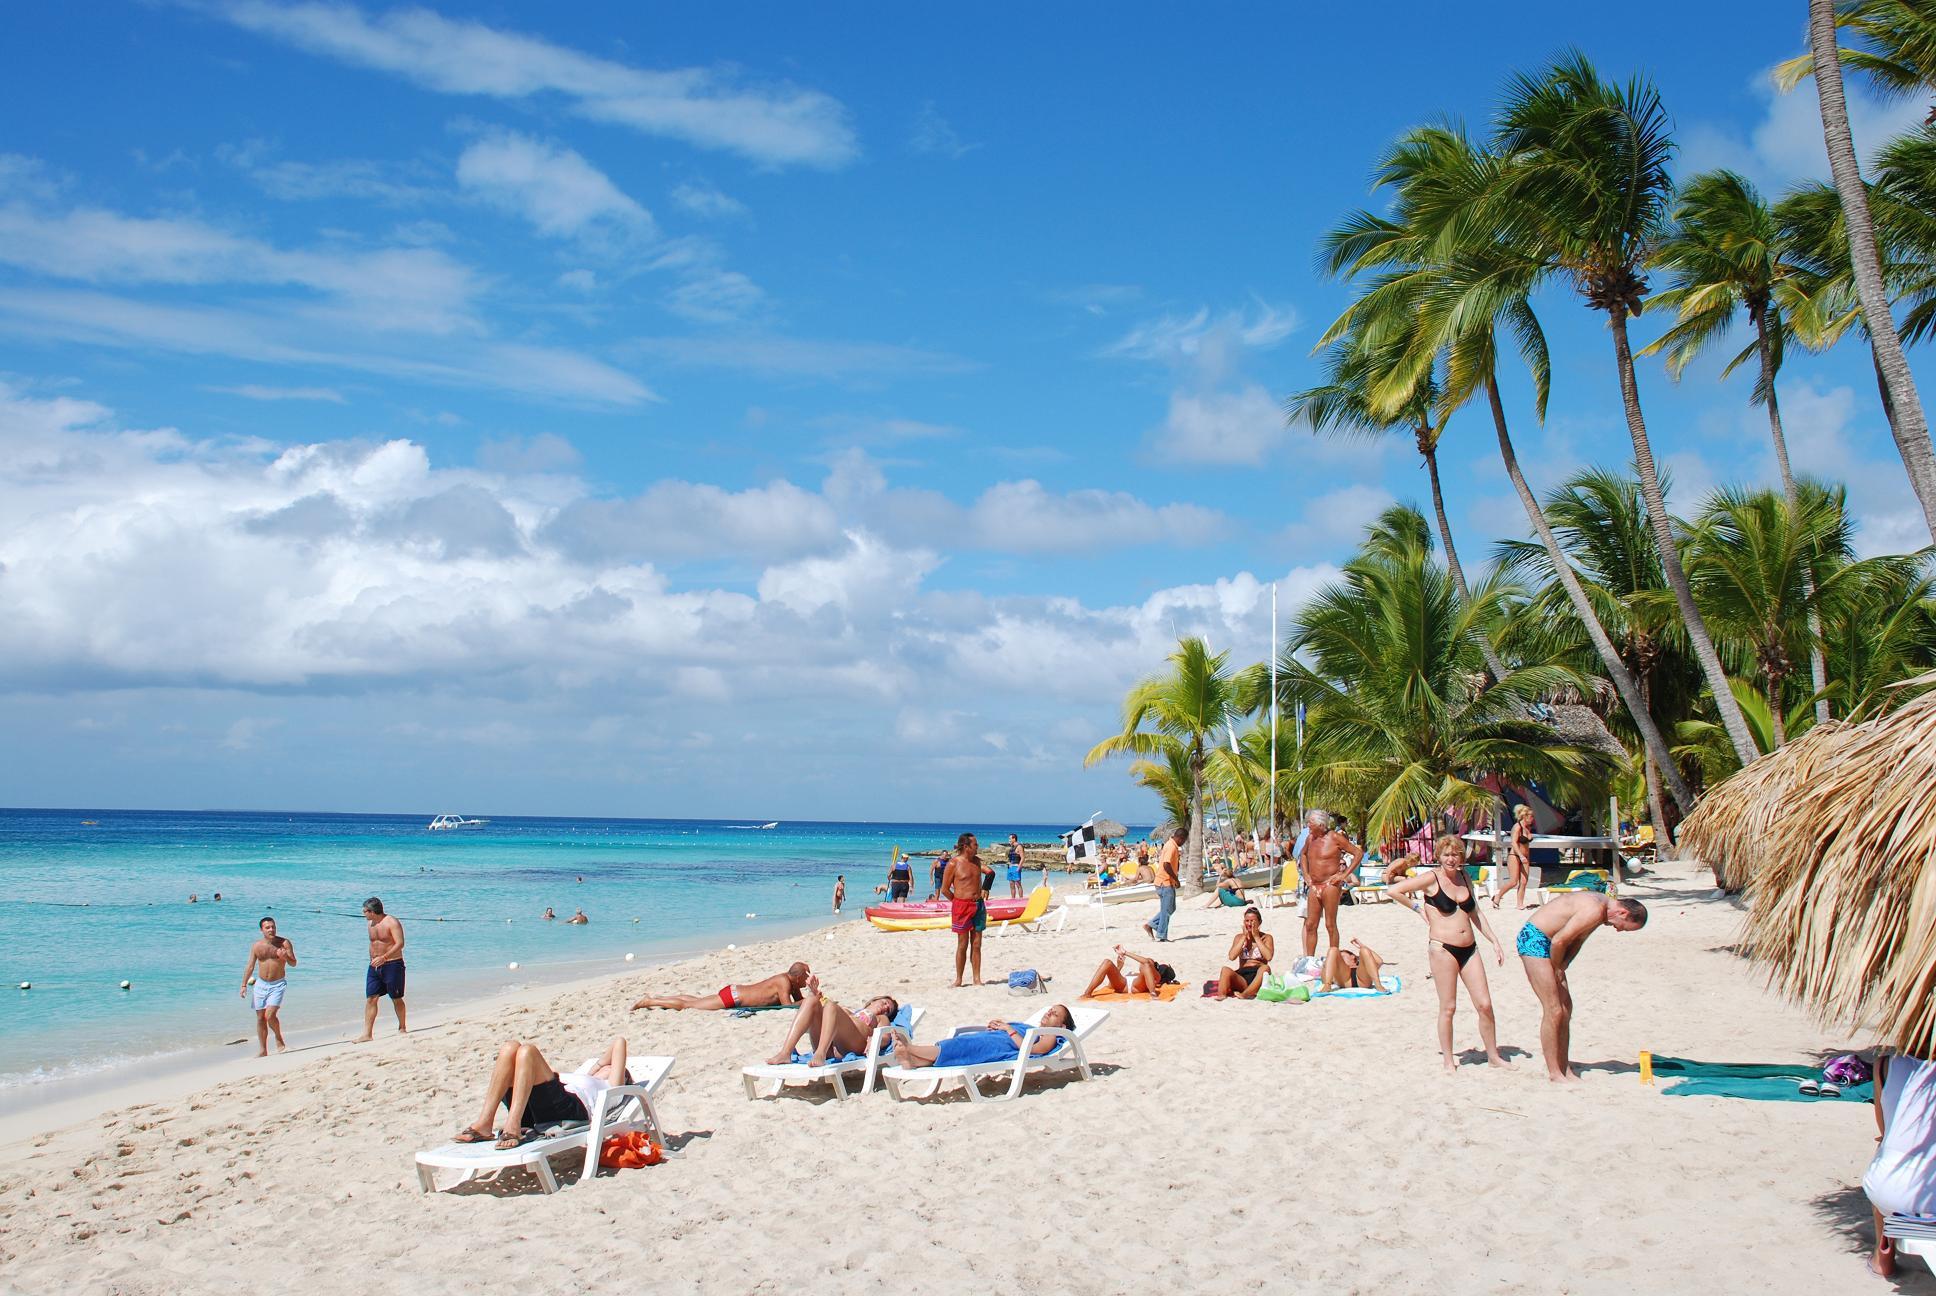 Campaña montada para dañar al sector turístico dominicano se destruye, según reportaje de ABC